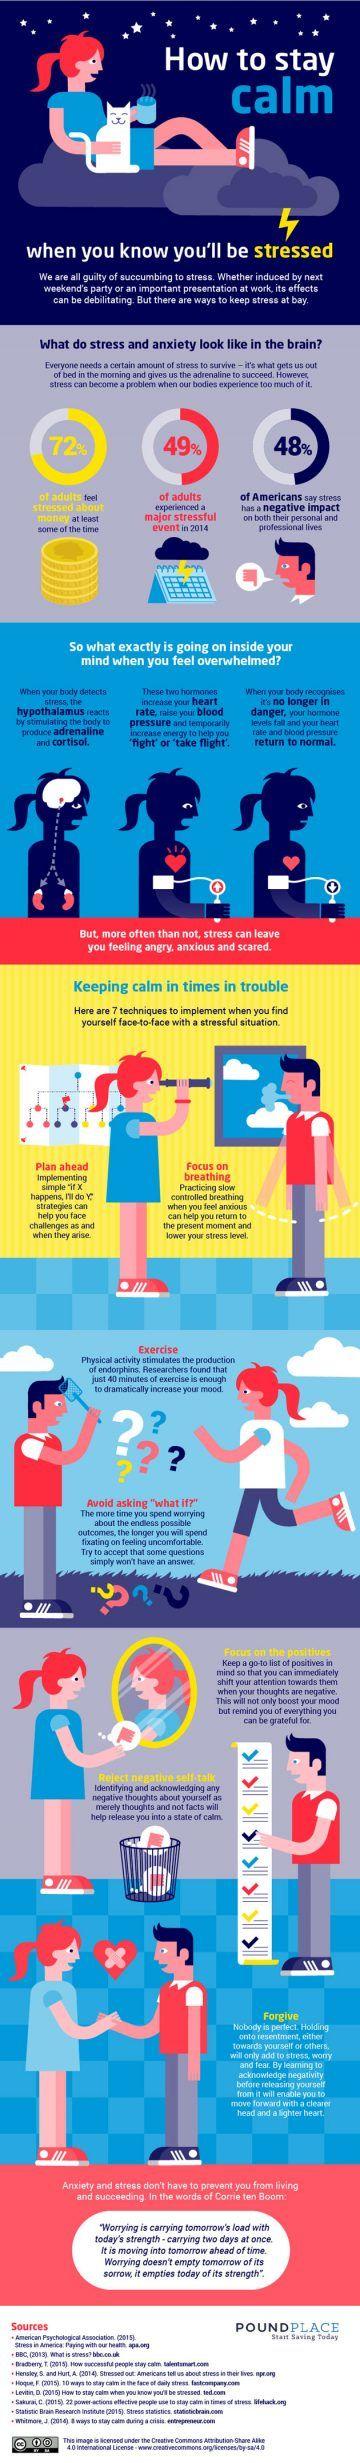 10 Proven Ways To Help Keep Calm Under Pressure